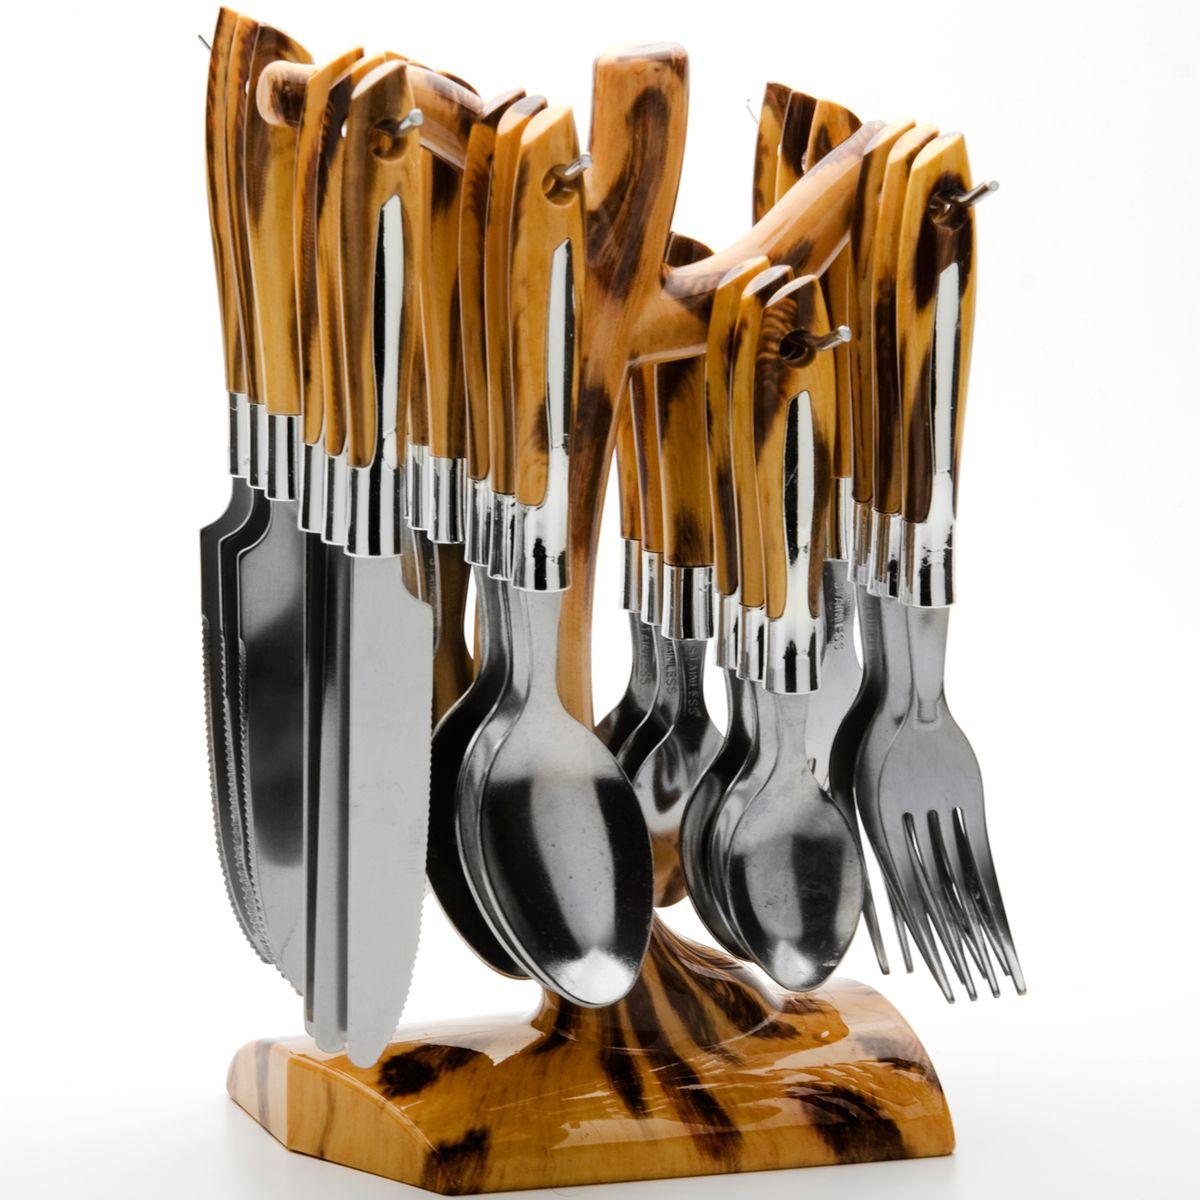 Набор столовых приборов Mayer&Boch Modern, 25 предметов4387Набор столовых приборов Mayer & Boch Modern выполнен из прочной нержавеющей стали. В набор входит 25 предметов: 6 обеденных ножей, 6 обеденных ложек, 6 обеденных вилок, 6 чайных ложек и подставка. Ручки приборов выполнены из пластика под дерево. Предметы набора расположены на подставке, выполненной из прочного пластика. Подставка оснащена четырьмя специальными крючками для подвешивания приборов. Столовые приборы высокого качества будут доставлять вам удовольствие при каждом приеме пищи. Они подойдут как для повседневного использования, так и для торжественных случаев. Набор столовых приборов Mayer & Boch Modern подойдет для сервировки стола как дома, так и на даче, и всегда будет важной частью трапезы, а также станет замечательным подарком.Размер рабочей поверхности столовой ложки: 6,5 см х 4 см. Длина столовой ложки: 18,5 см. Размер рабочей поверхности вилки: 6,5 см х 2,5 см. Длина вилки: 18,5 см. Размер рабочей поверхности чайной ложки: 4,5 см х 3 см.Длина чайной ложки: 15 см. Длина лезвия ножа: 10 см. Длина ножа: 21 см. Размер подставки: 15 см х 9,5 см х 23,5 см.